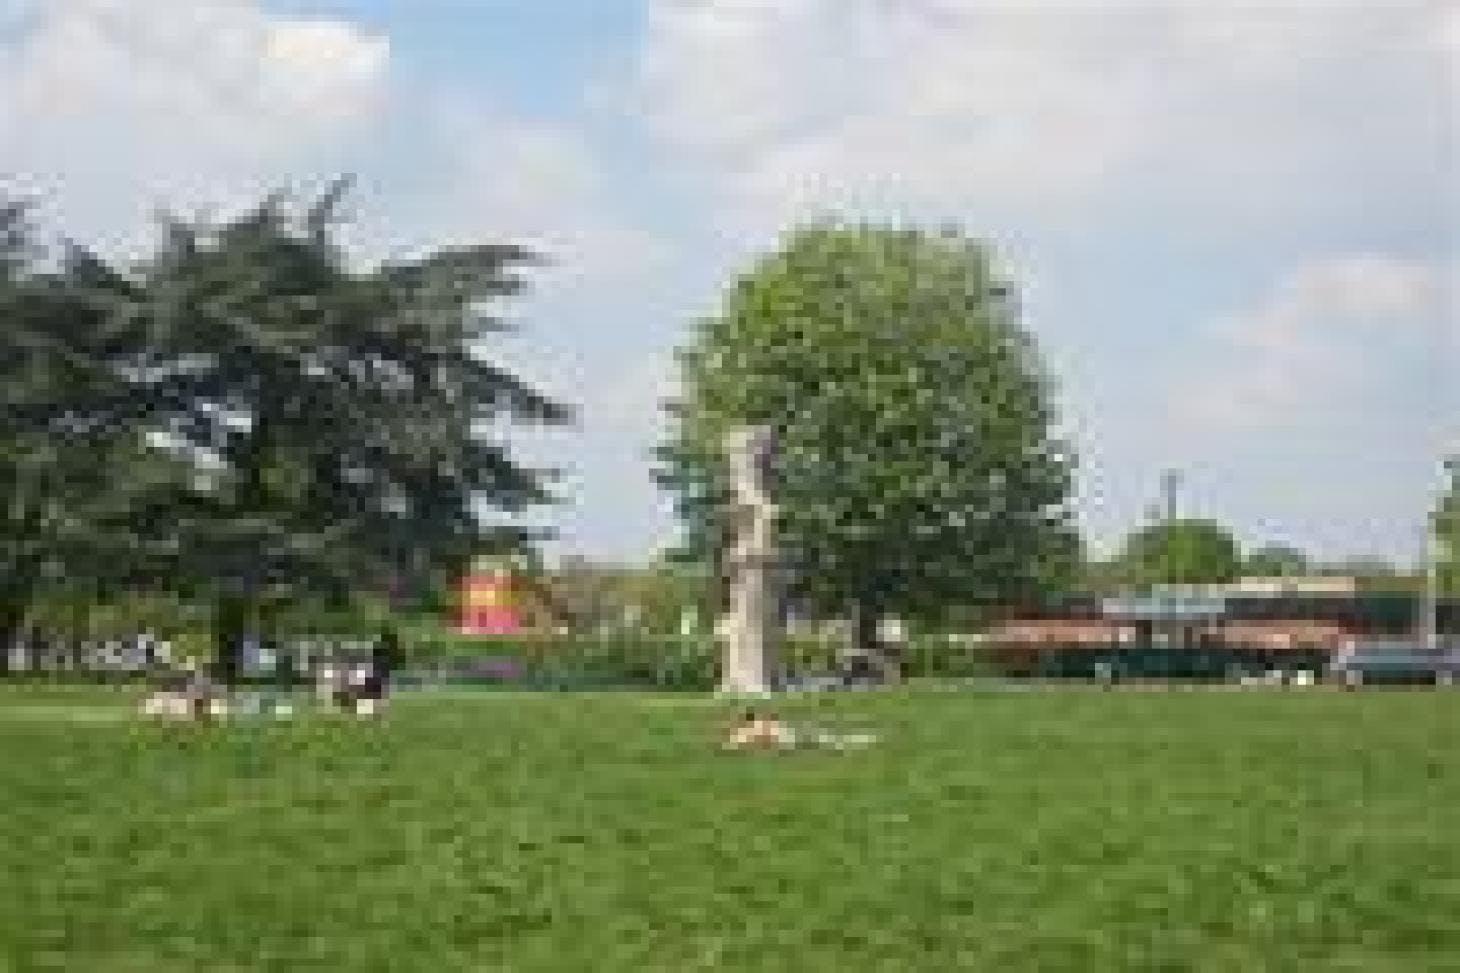 Beddington Park 5 a side | Concrete football pitch